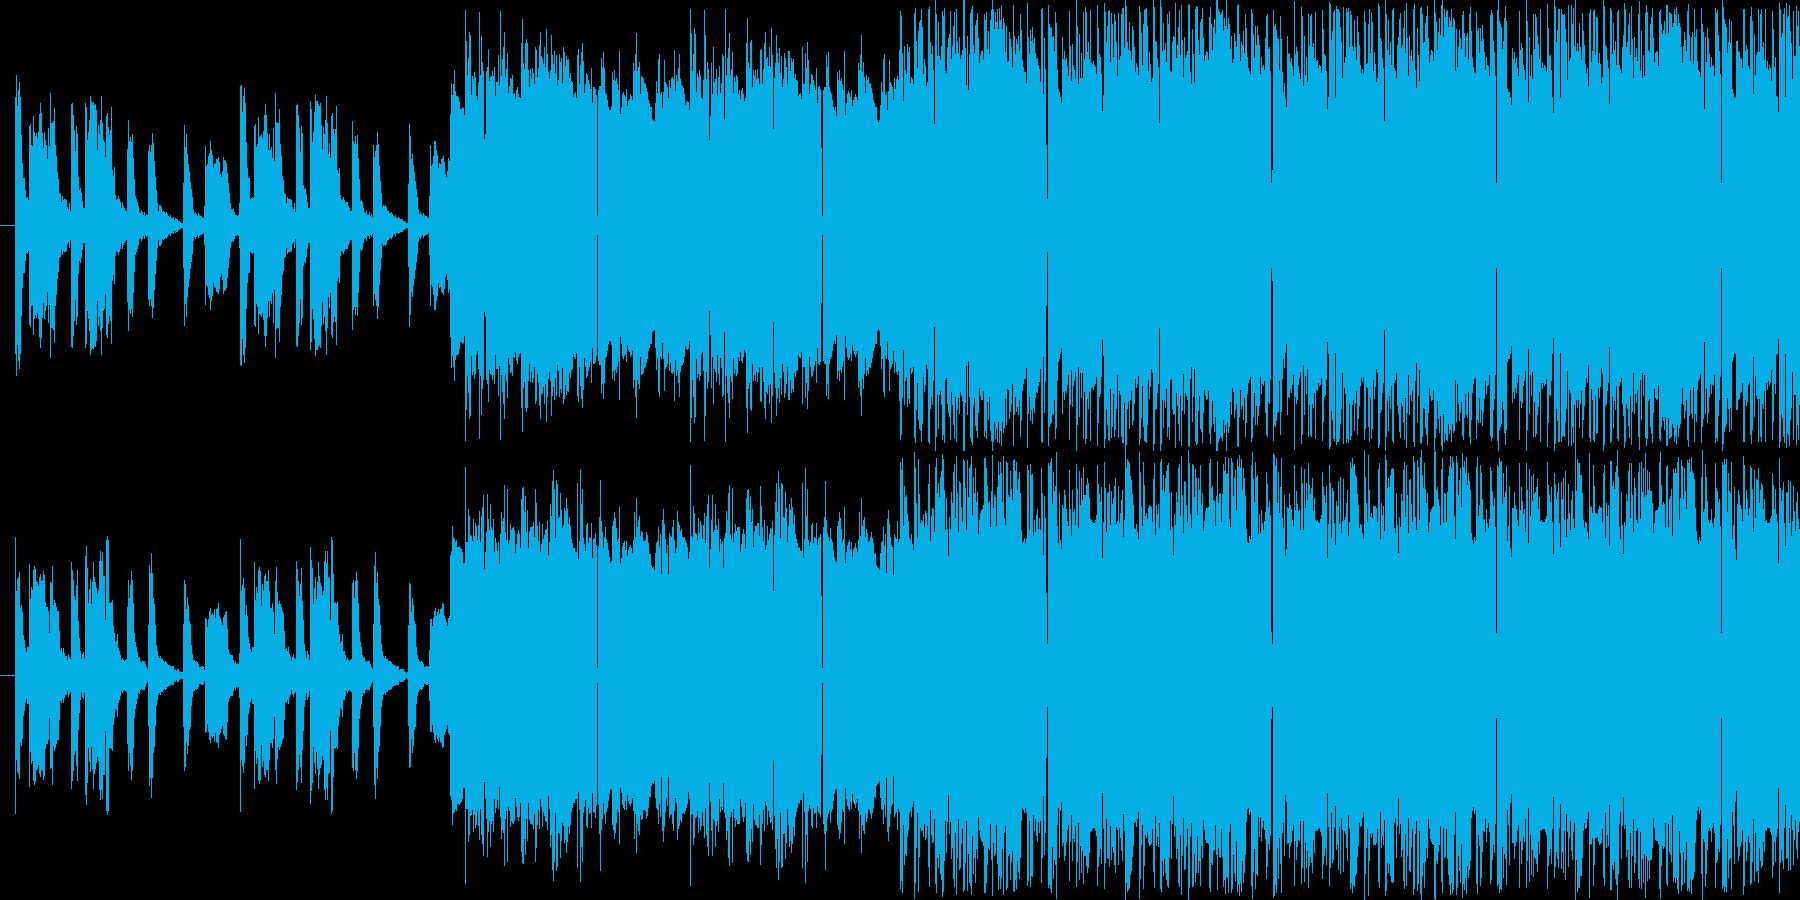 【オーソドックスなシンセポップス】の再生済みの波形